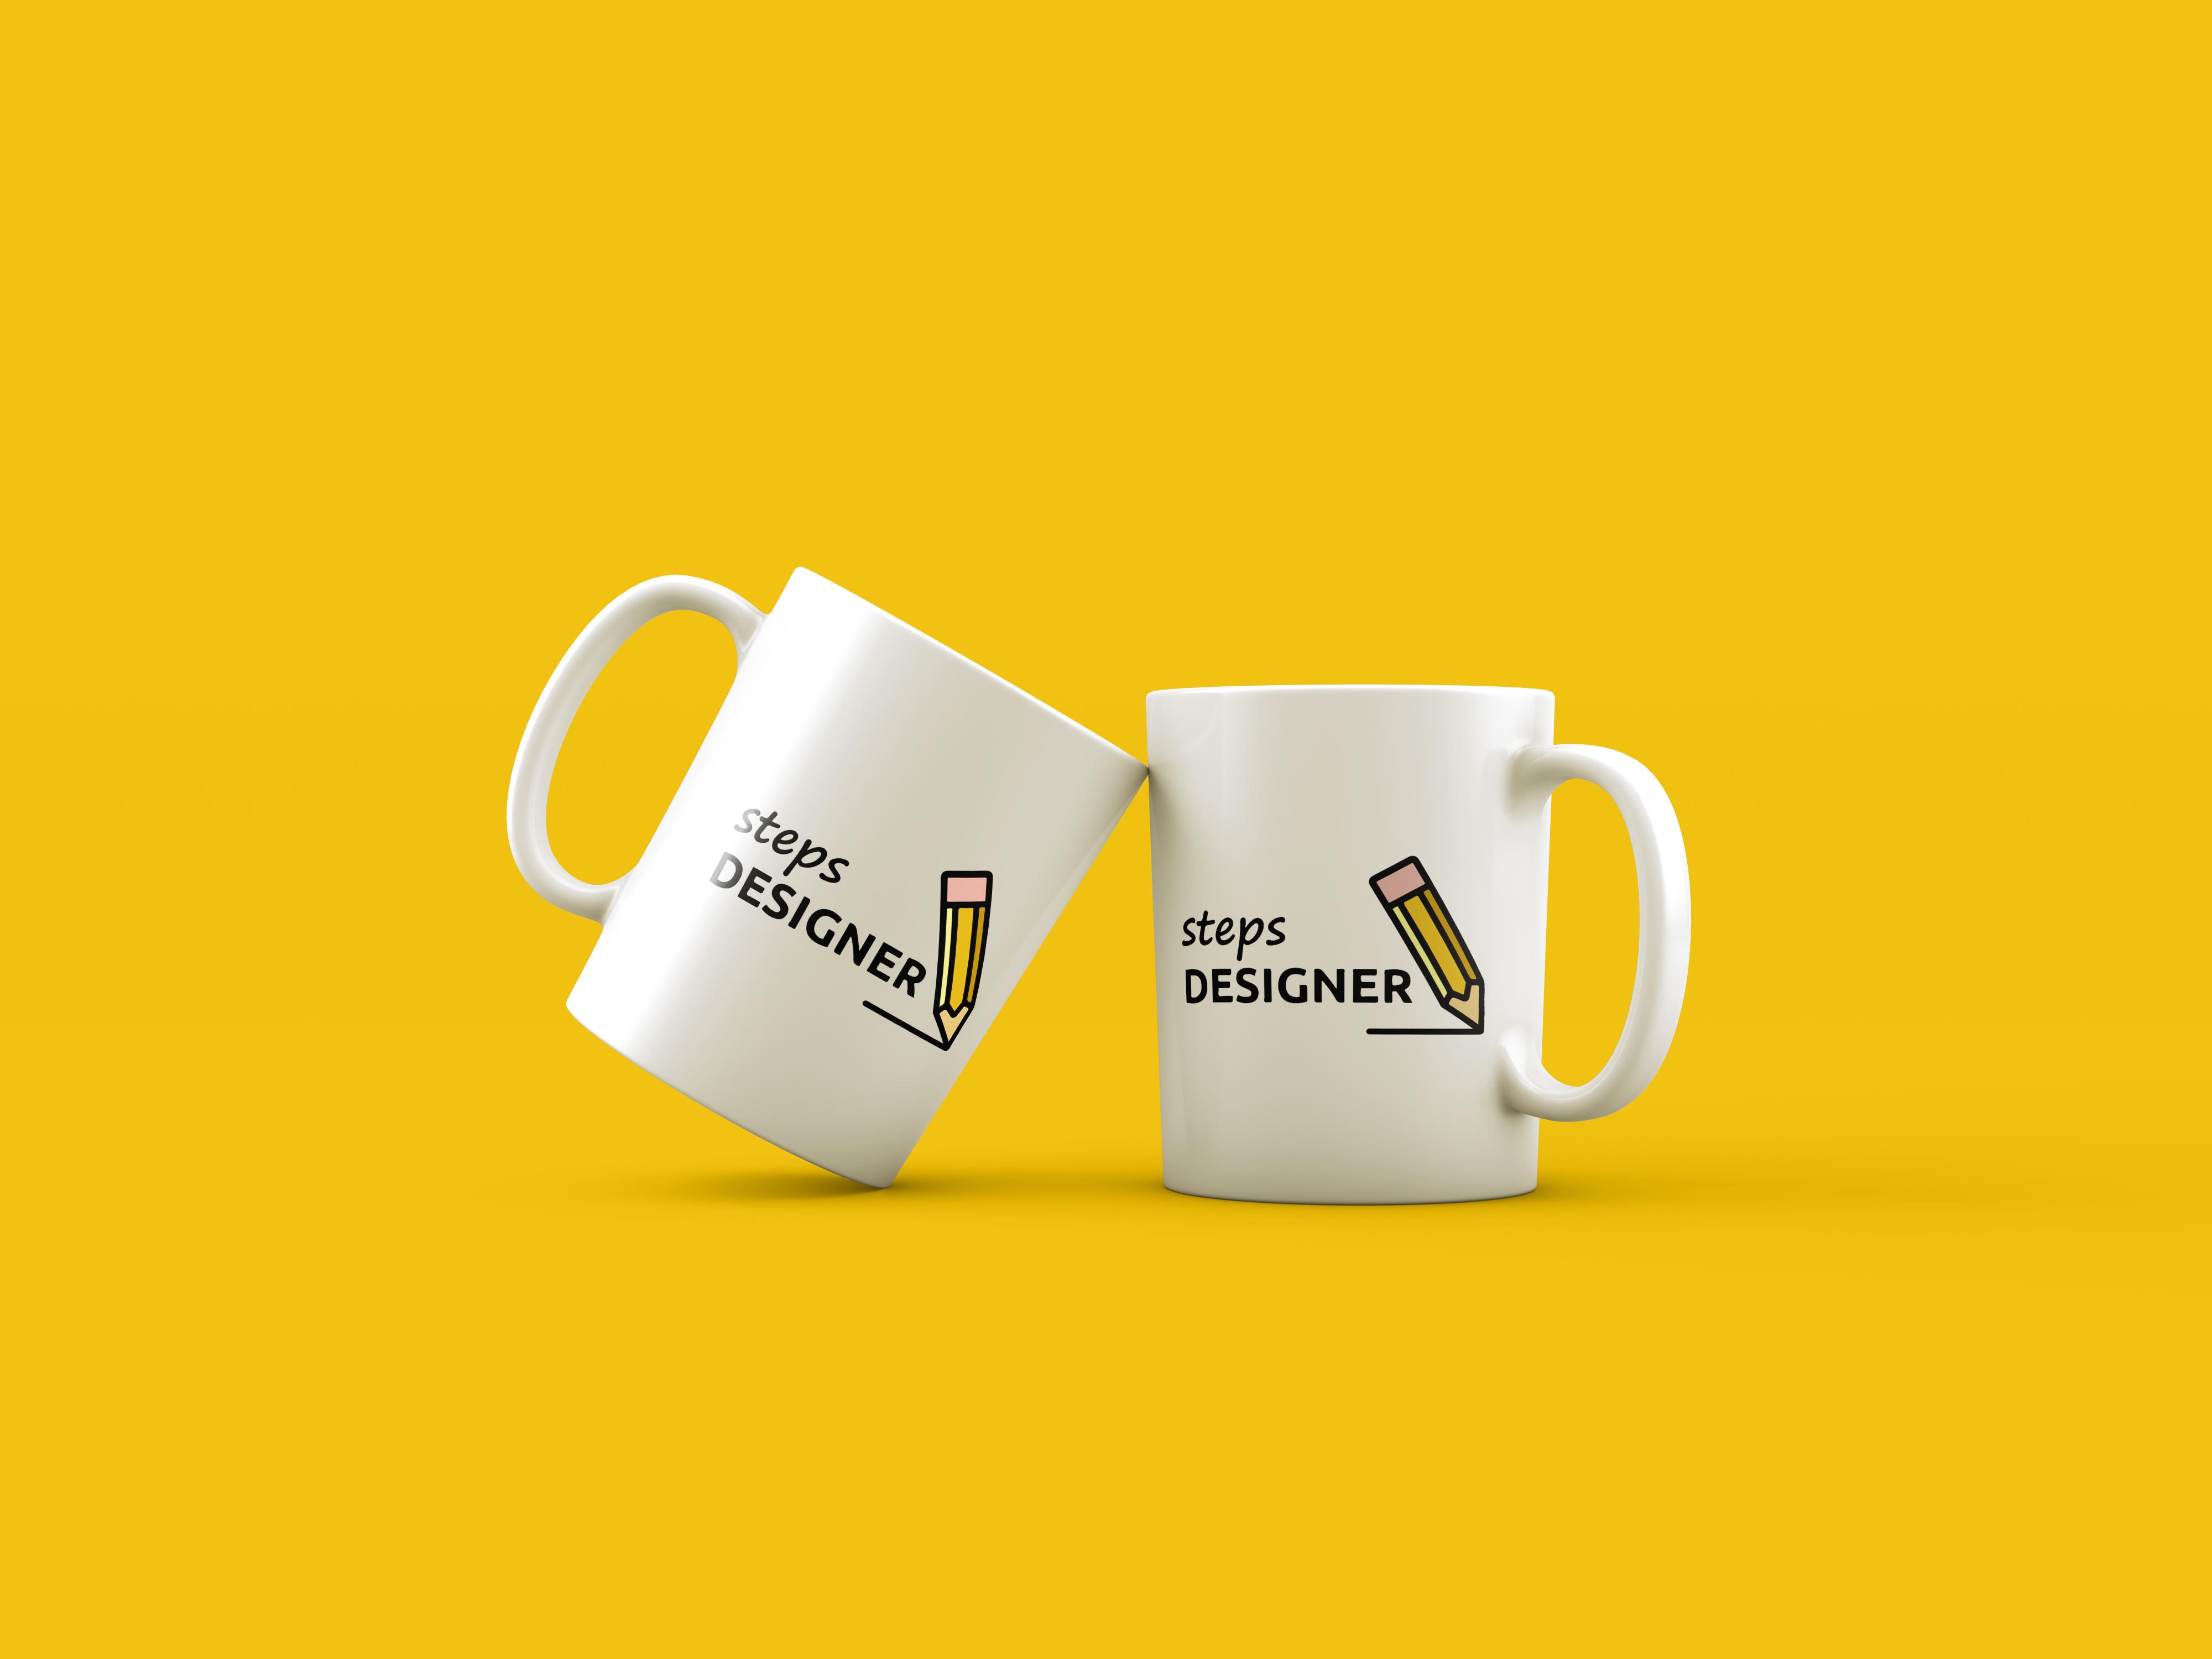 Фото Разработка логотипа для веб-студии Steps Designer Среда разработки: Adobe Illustrator Время работы: 2 часа